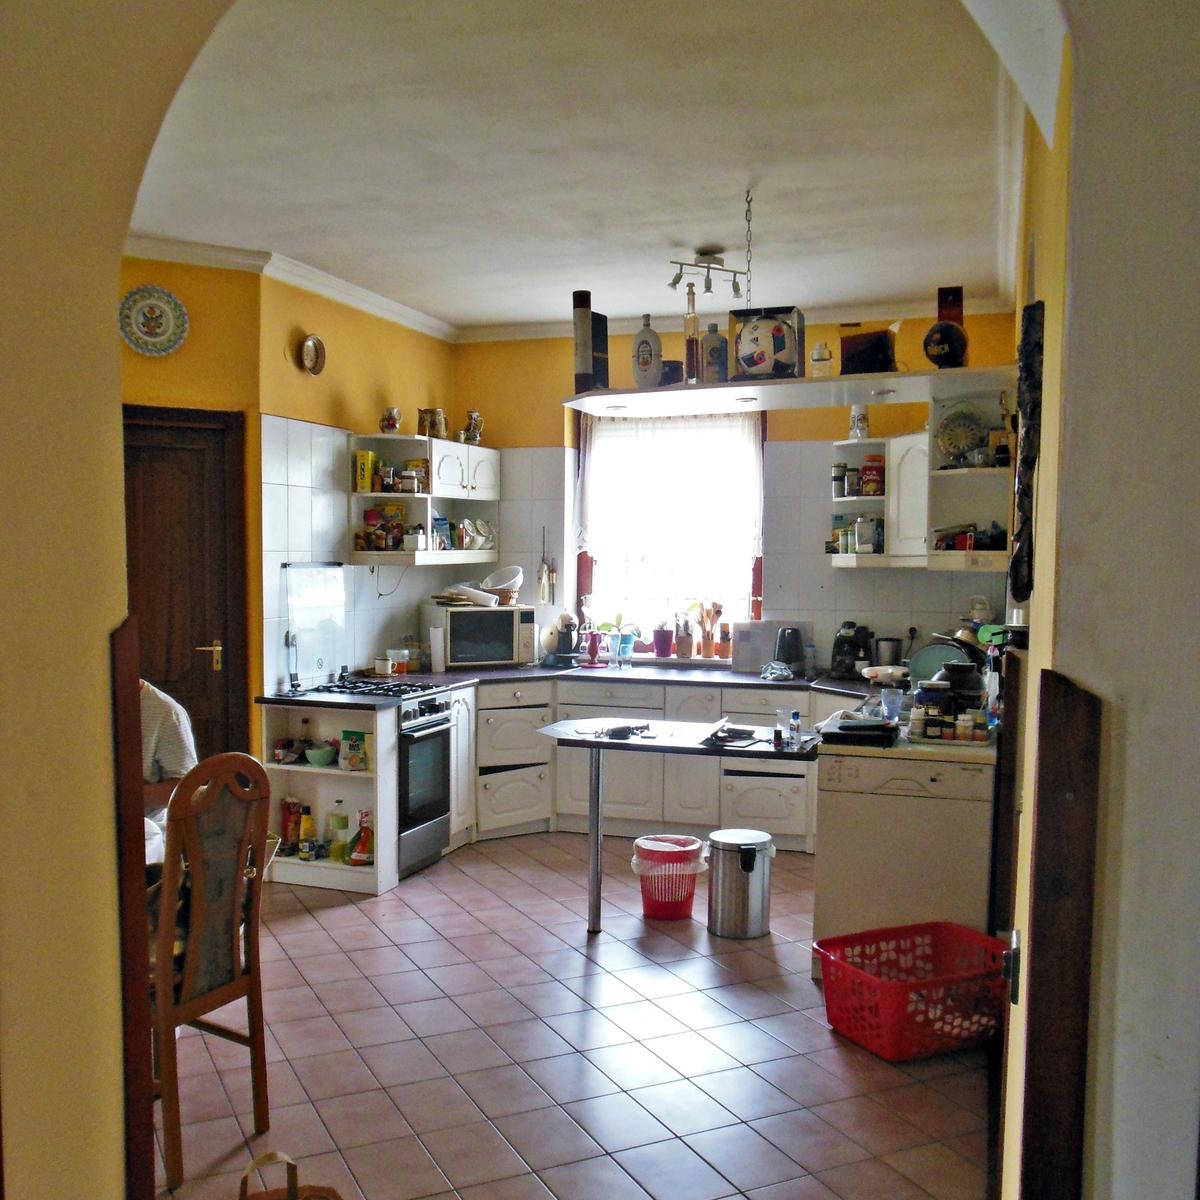 Eladó  családi ház (Budapest, XVI. kerületBudapest, XVI. kerület) 59,9 M  Ft